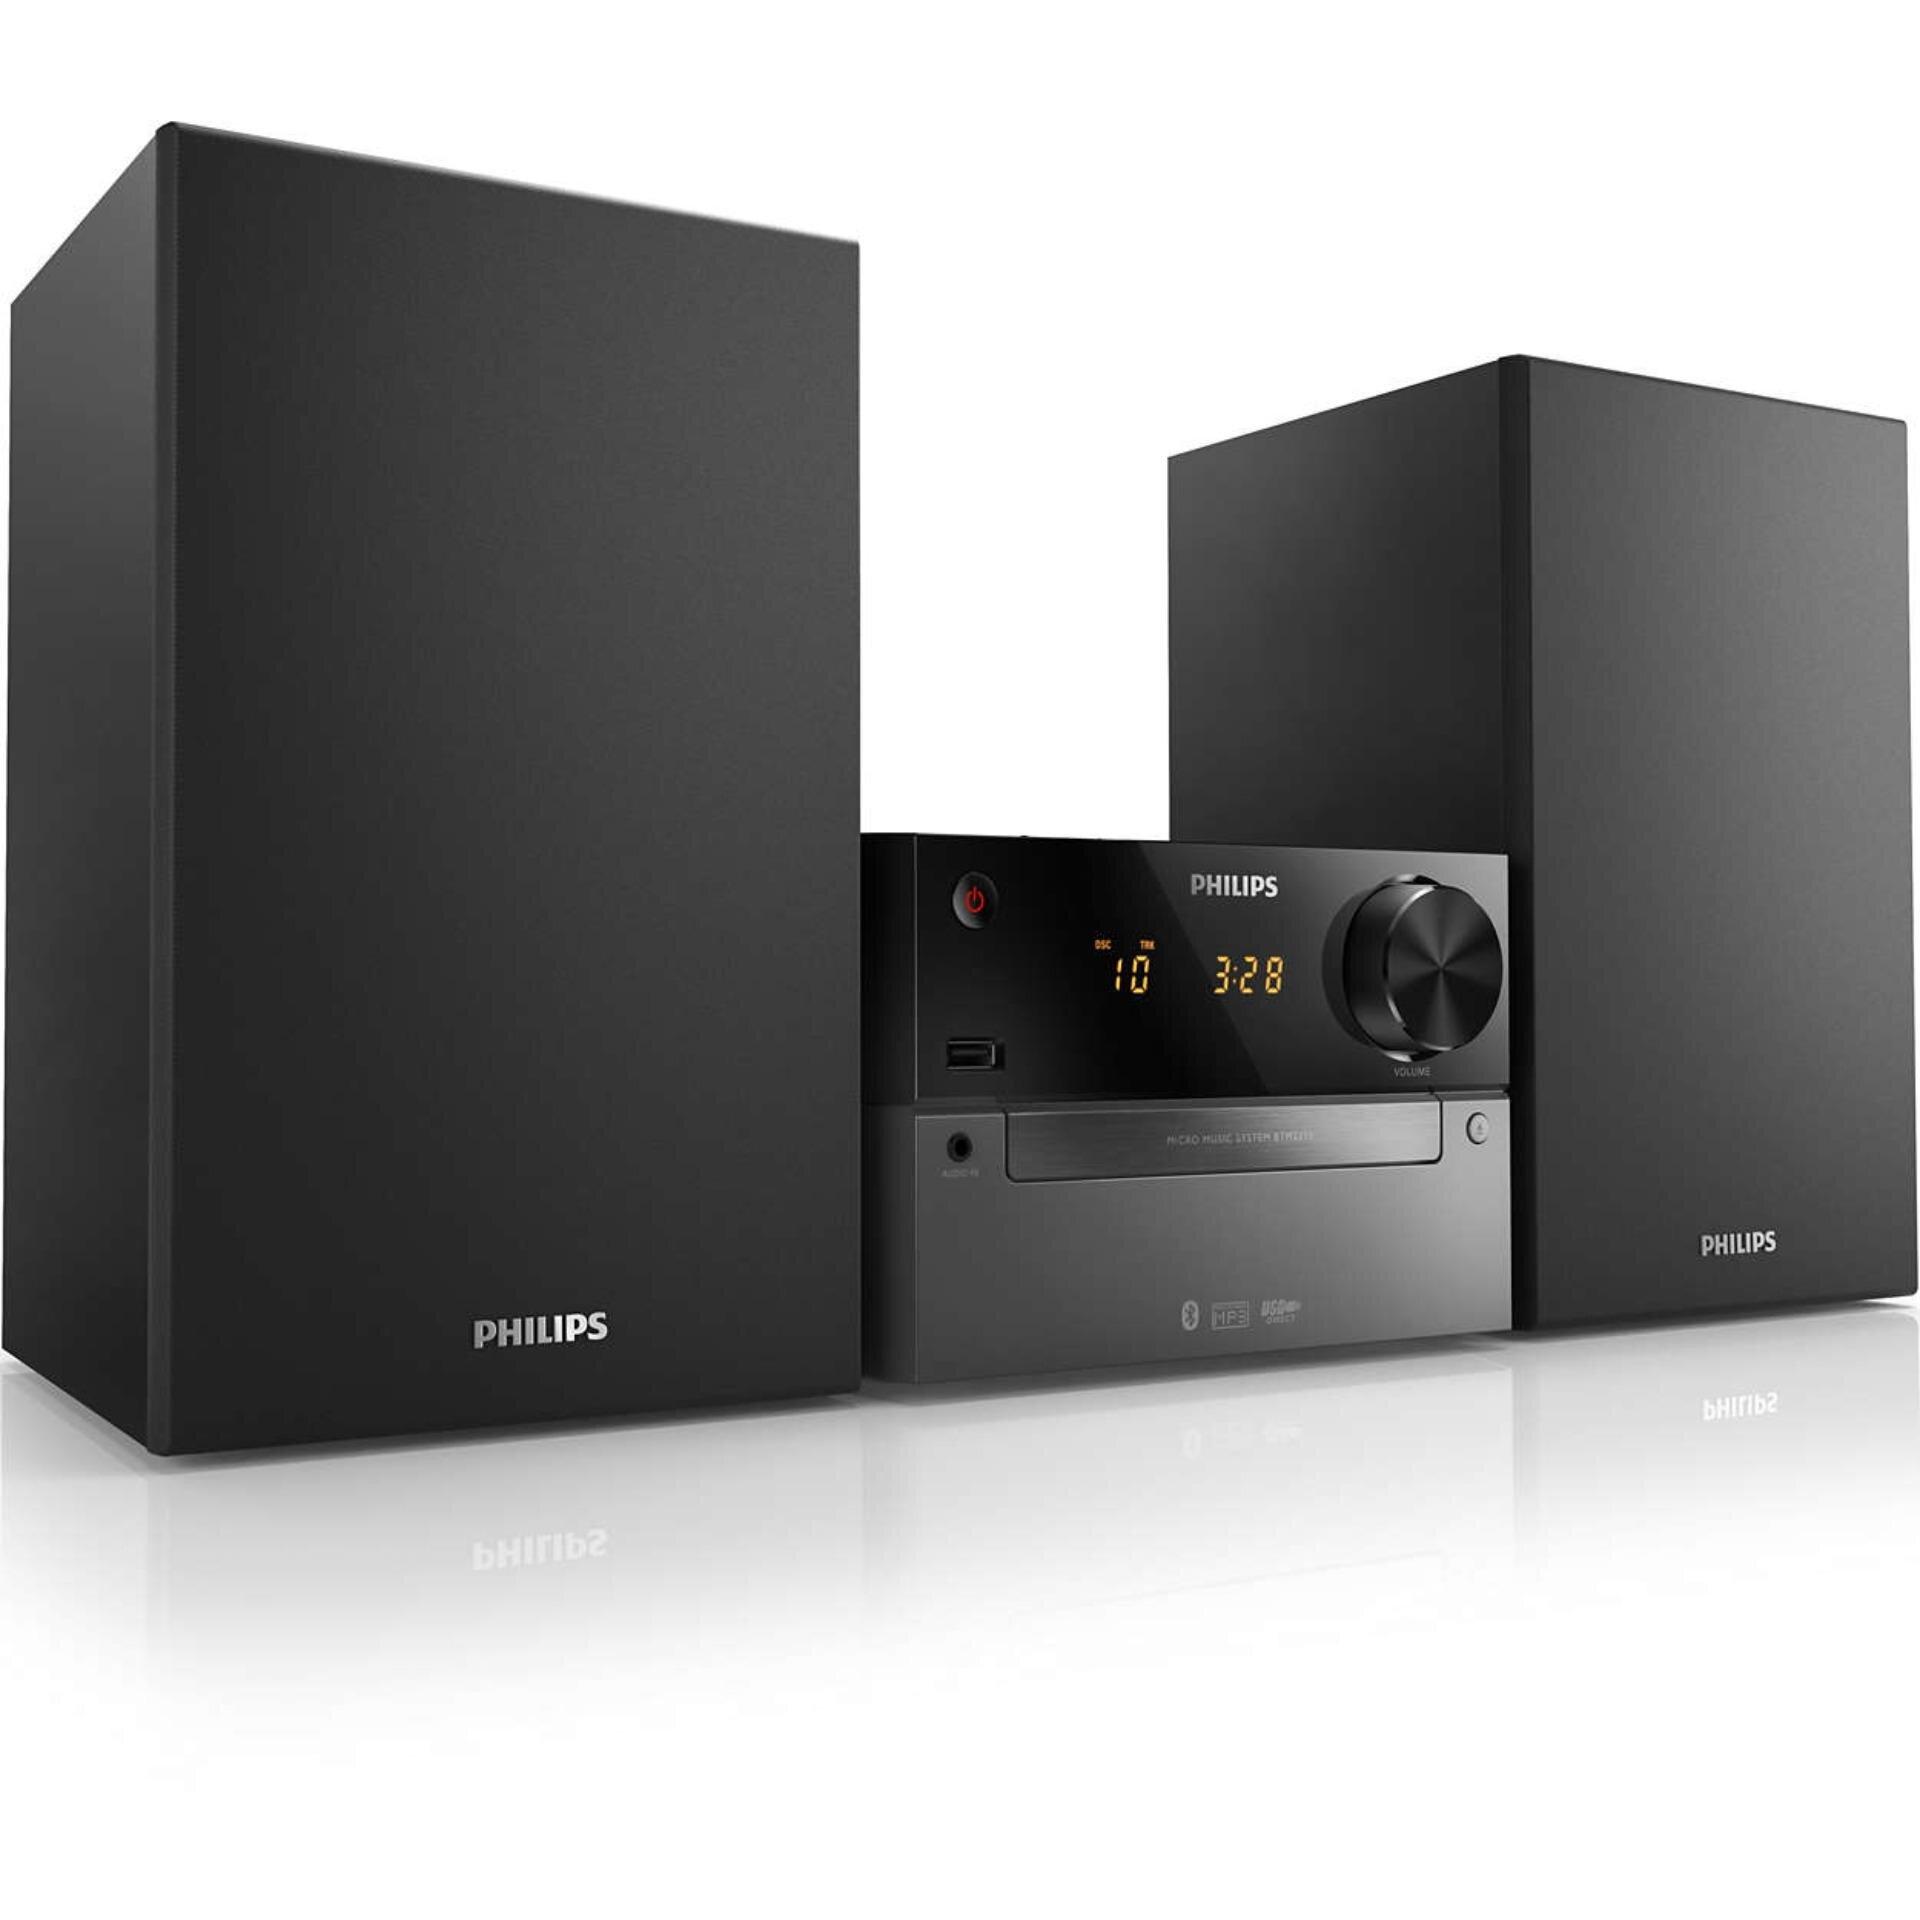 Nơi bán Dàn âm thanh 5.1 HIFI Philips BTM2310, bluetooth giá rẻ nhất tháng  06/2021